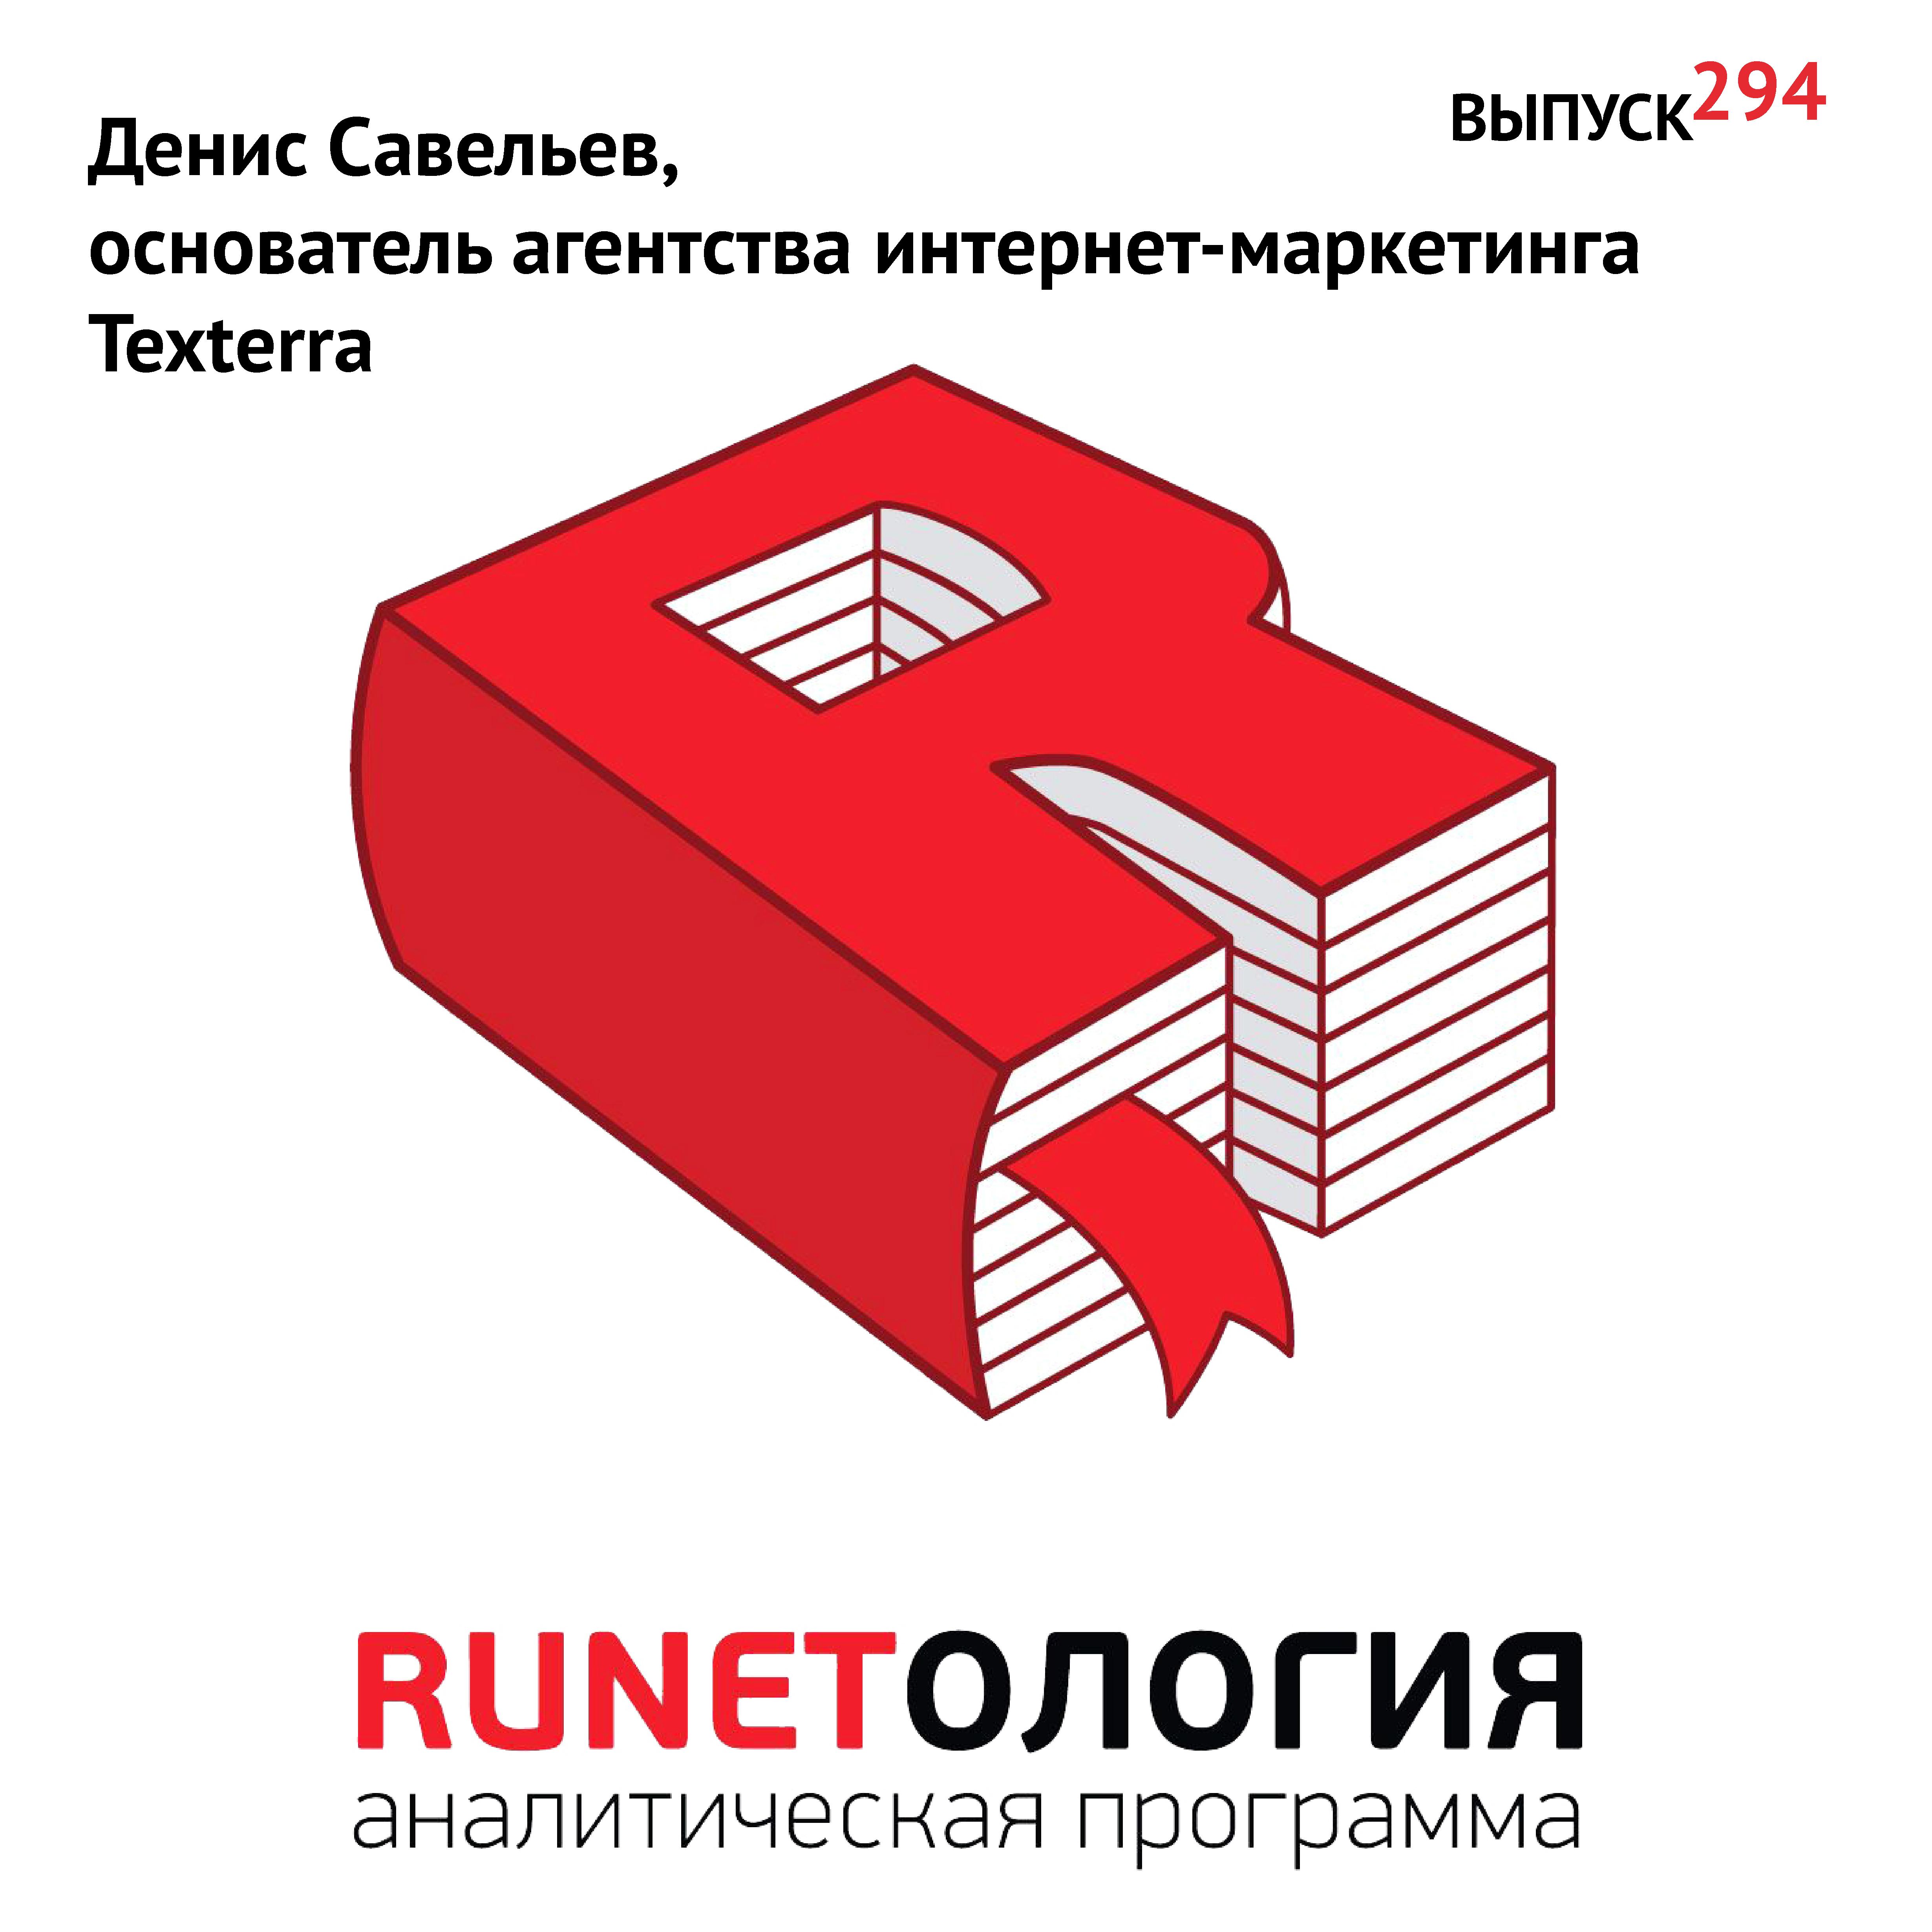 Денис Савельев, основатель агентства интернет-маркетинга Texterra